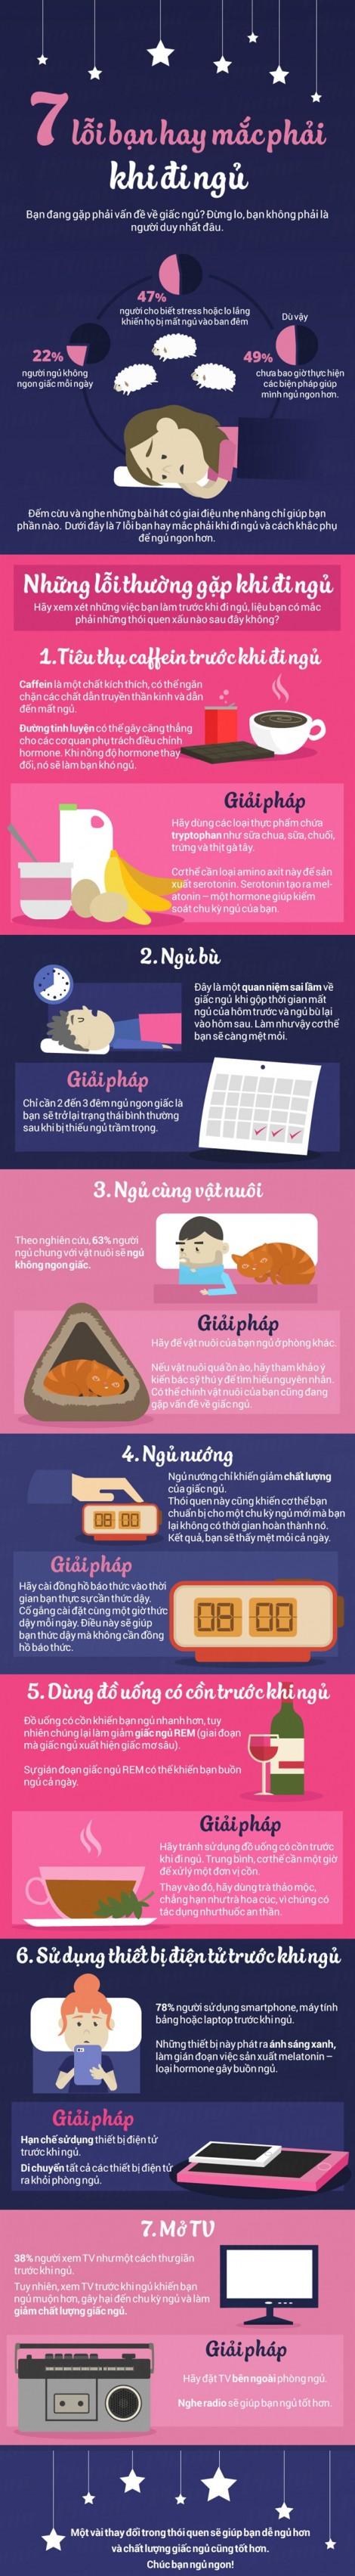 7 thói quen xấu trước khi ngủ, bạn dễ mắc phải vào ngày cuối tuần